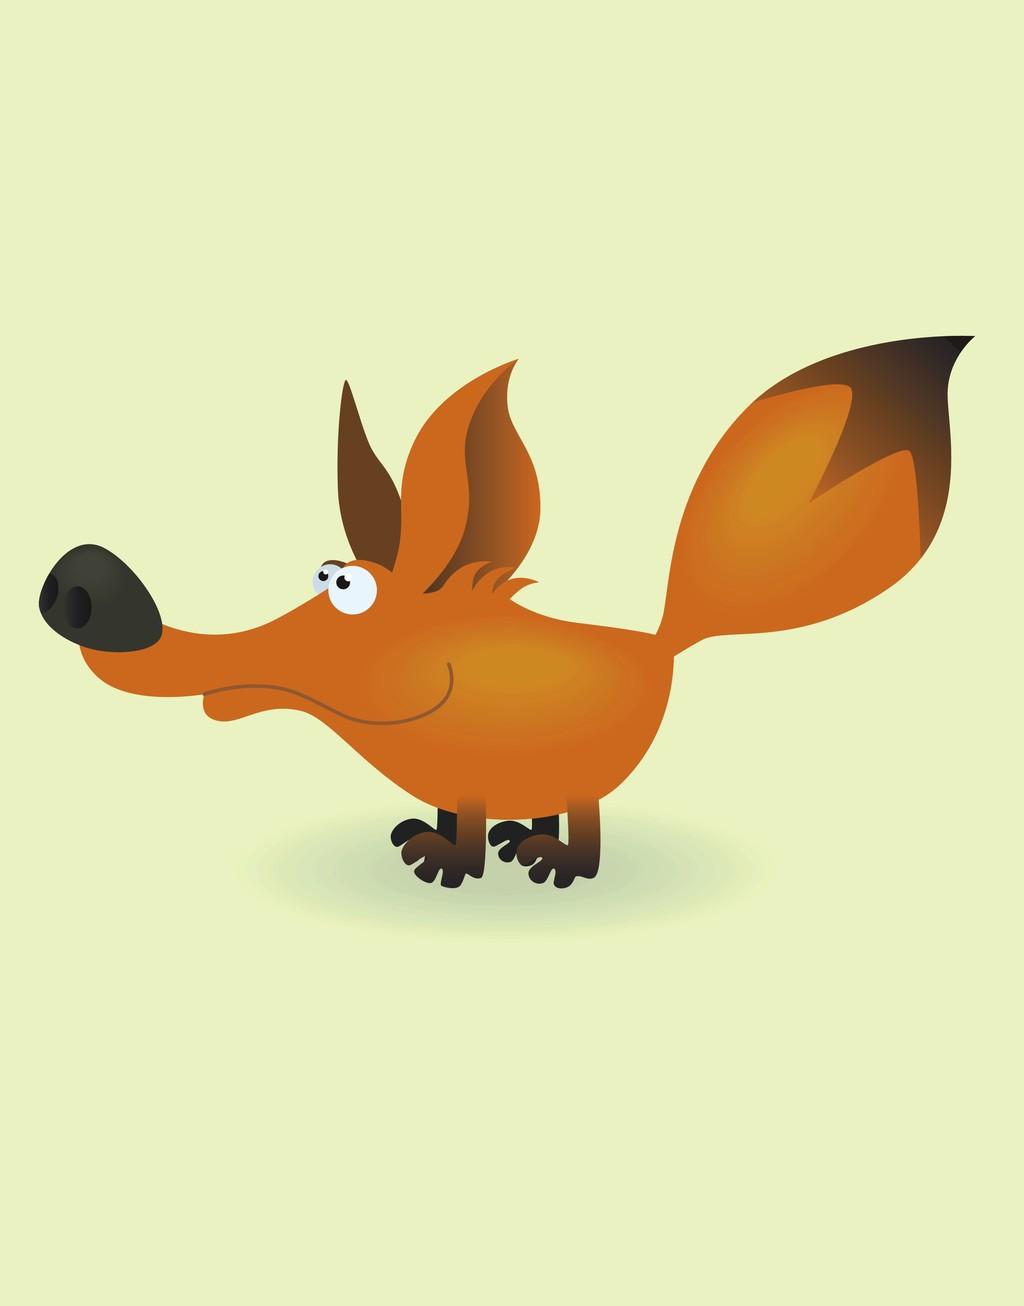 原创设计手绘动物简笔插画卡通动物狐狸